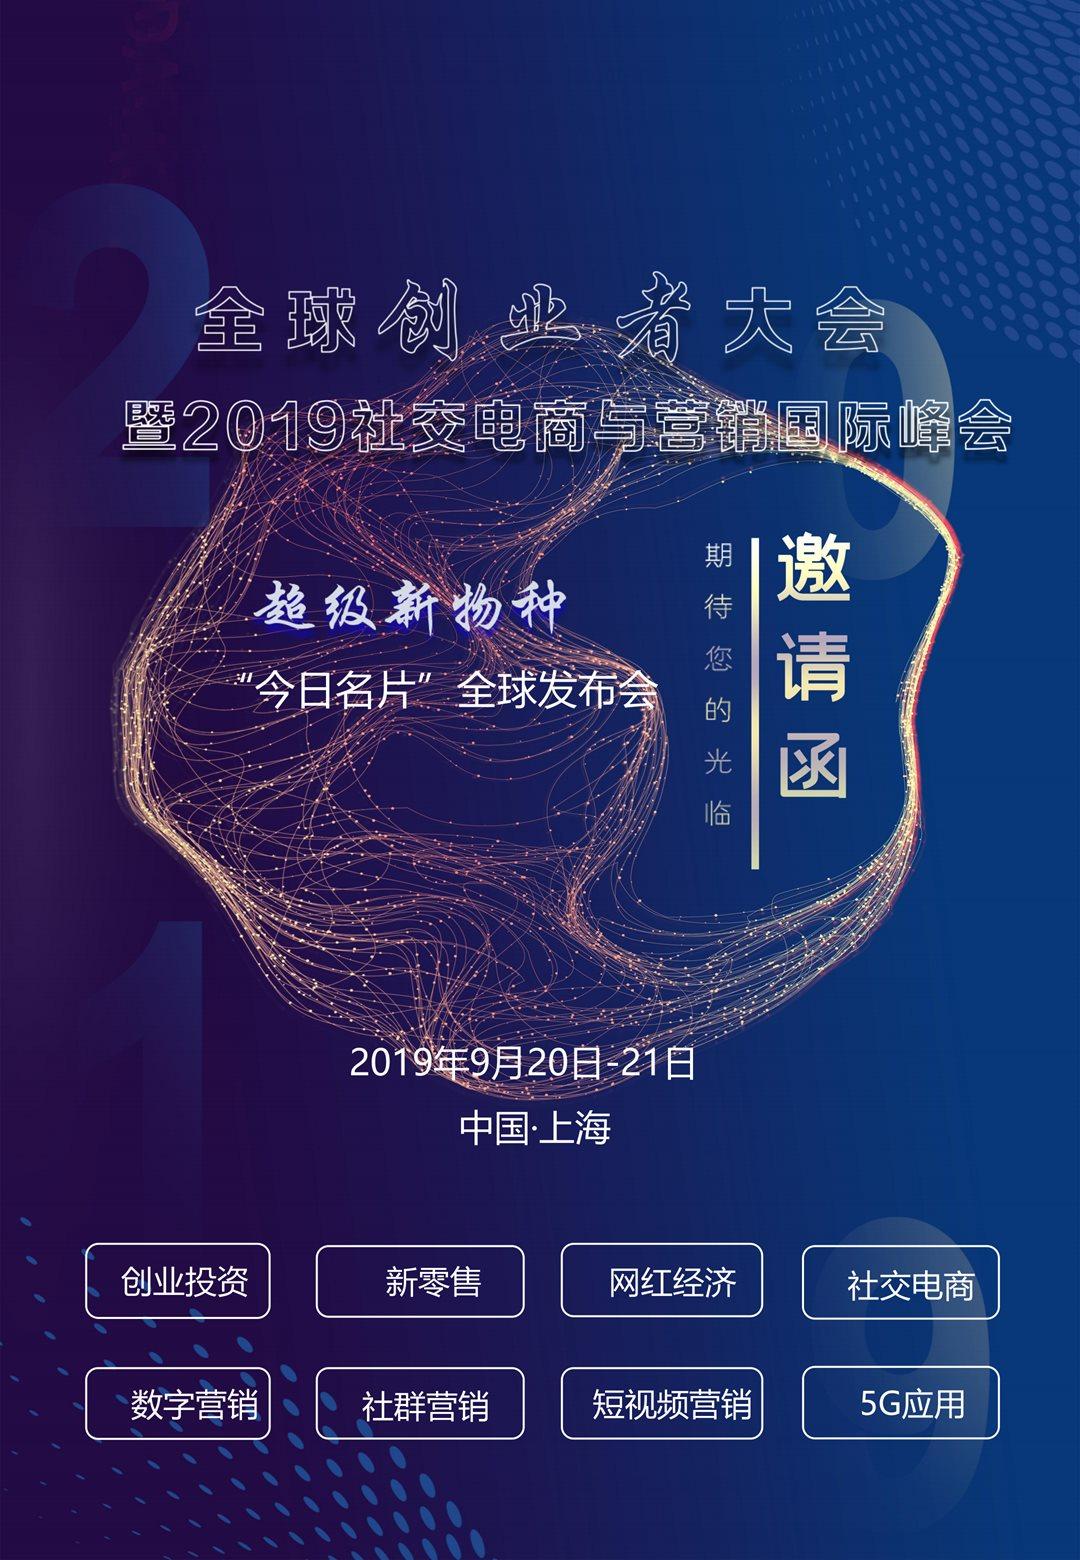 全球创新者大会-社交电商营销峰会(邀请函)_00.png